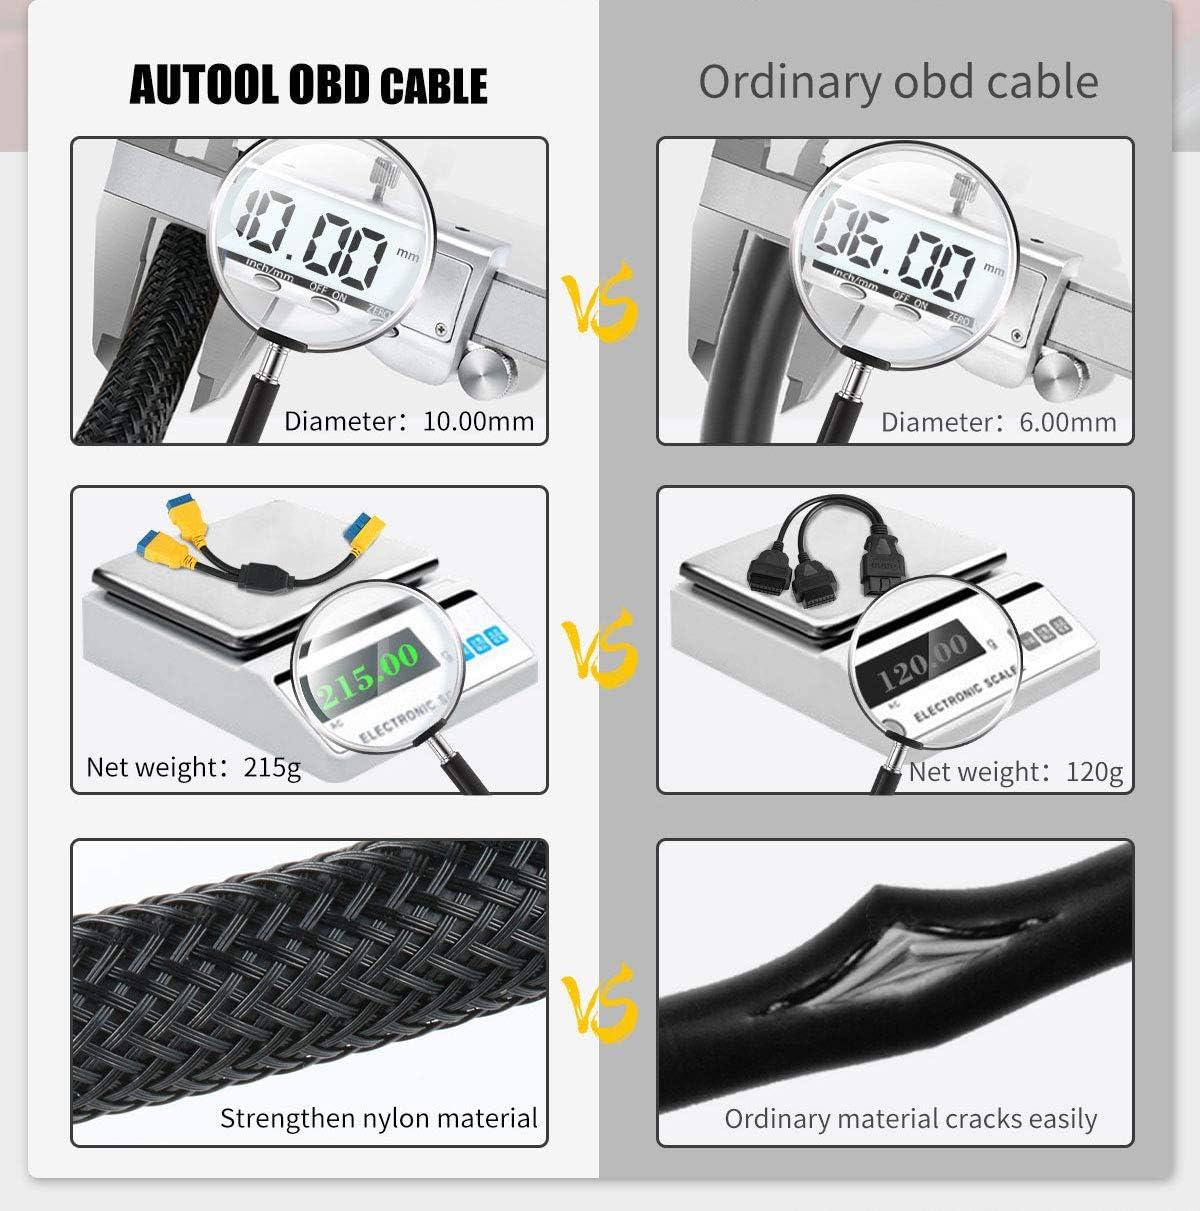 OURANTOOLS OBD-2-Verl/ängerungskabel Adapter AUTOOL OBD-II 16-Pin Adapter 1 Stecker auf 2 Buchsen Diagnose-Verl/ängerungskabel zum Anschluss von Codeleser /& Scanner Diagnosewerkzeug 35cm